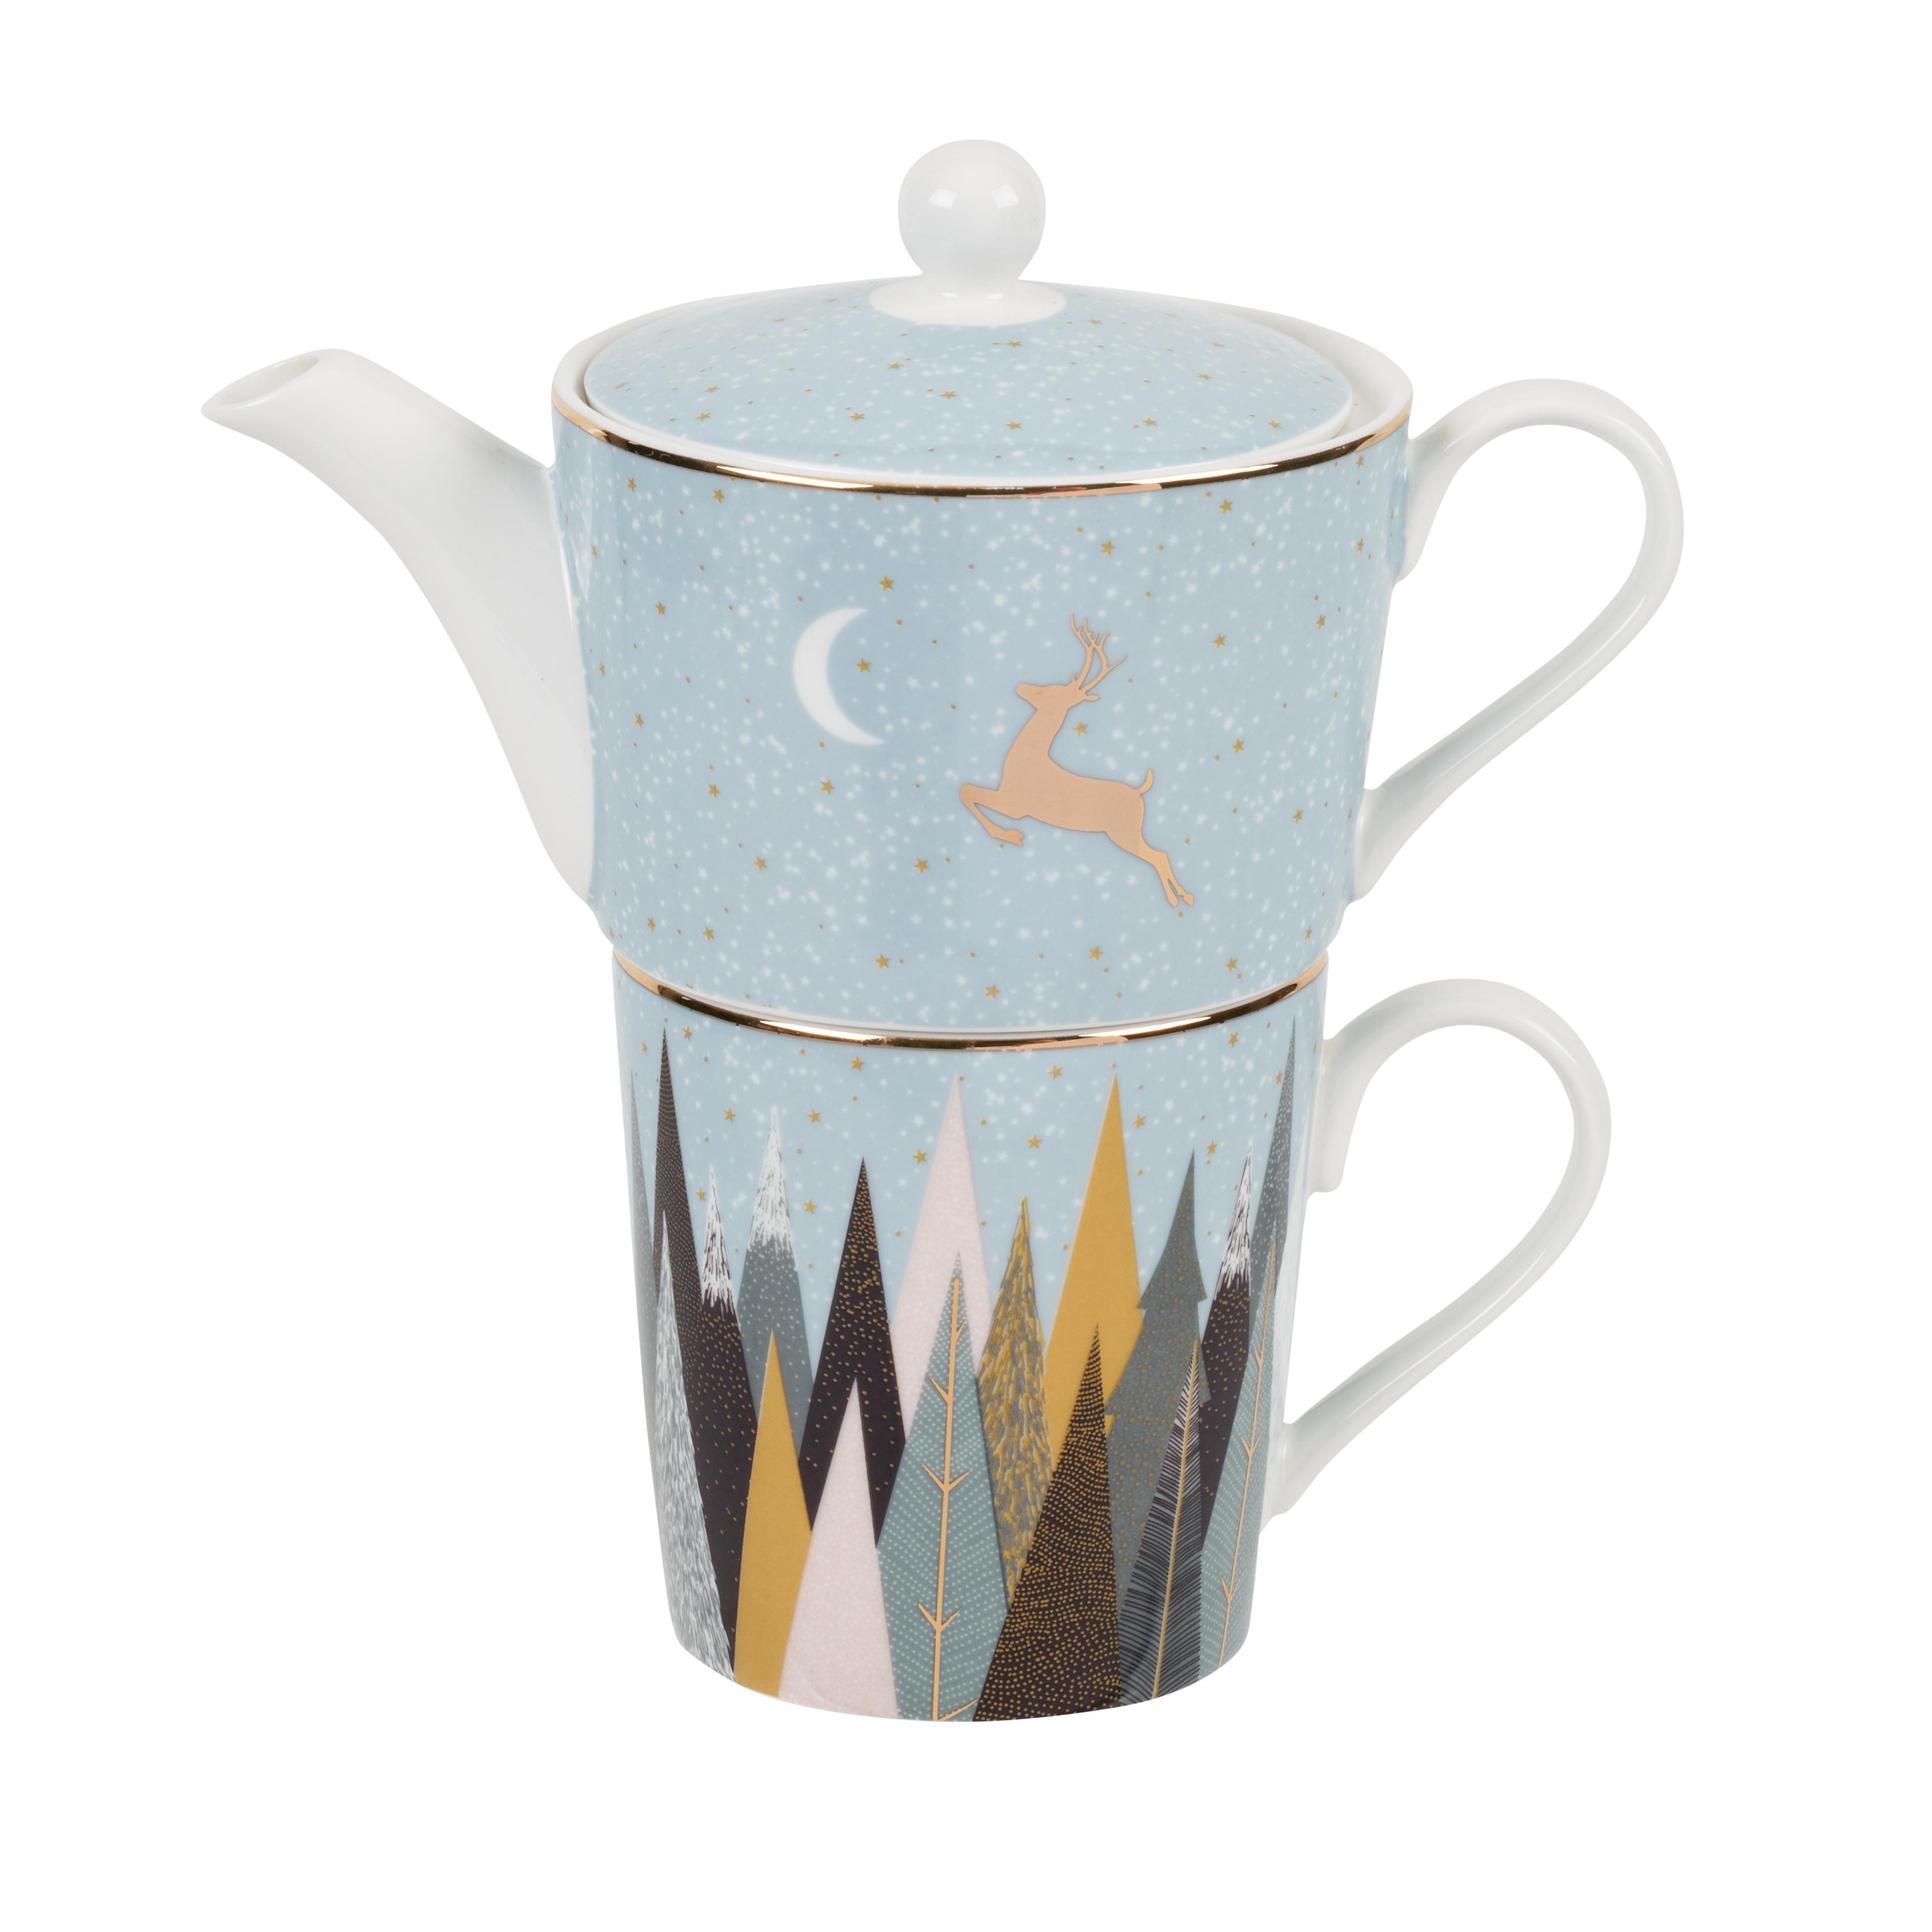 포트메리온 '사라 밀러 런던 프로스티드 파인즈' 티포원 머그 Sara Miller London for Portmeirion Frosted Pines Tea For One